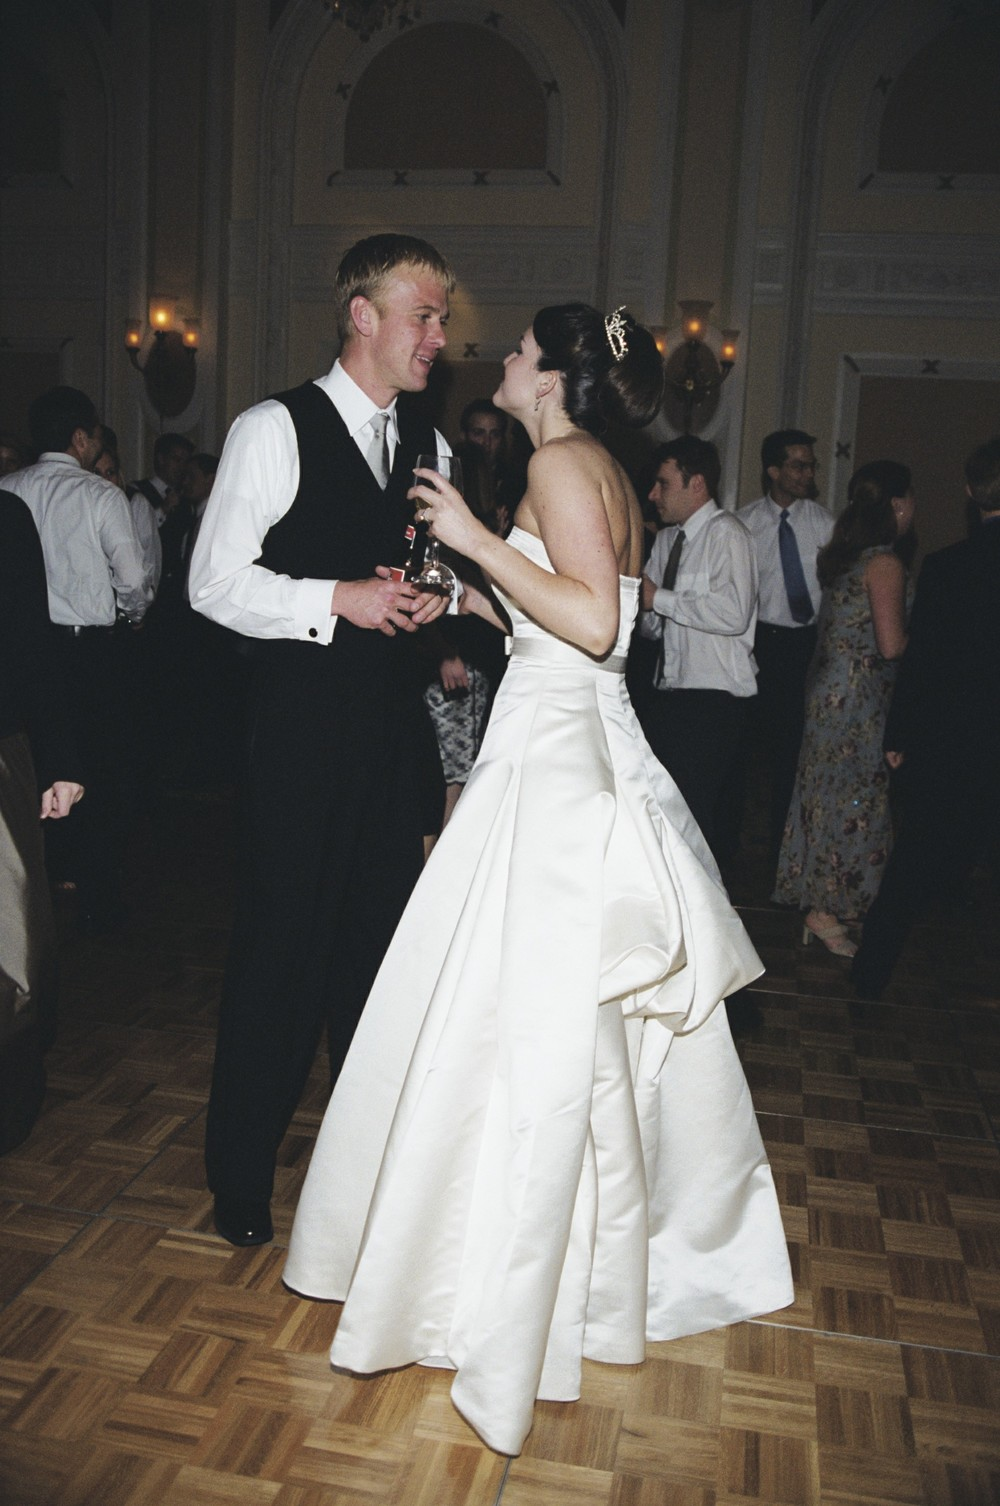 Less talking, more dancing. :D